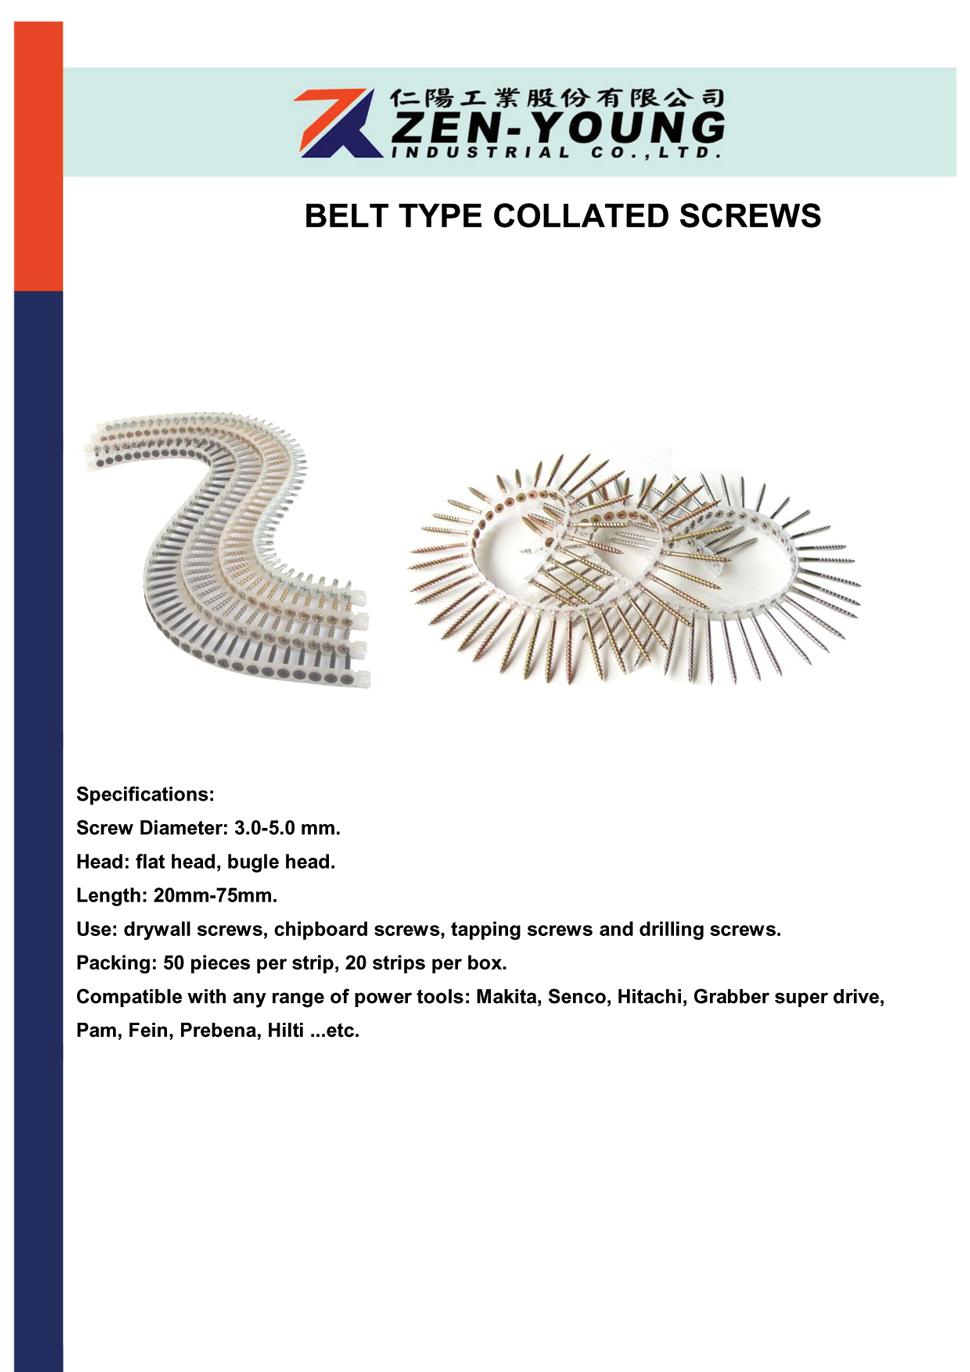 Belt Type Collated Screws(C13) - Zen-Young Industrial Co , Ltd